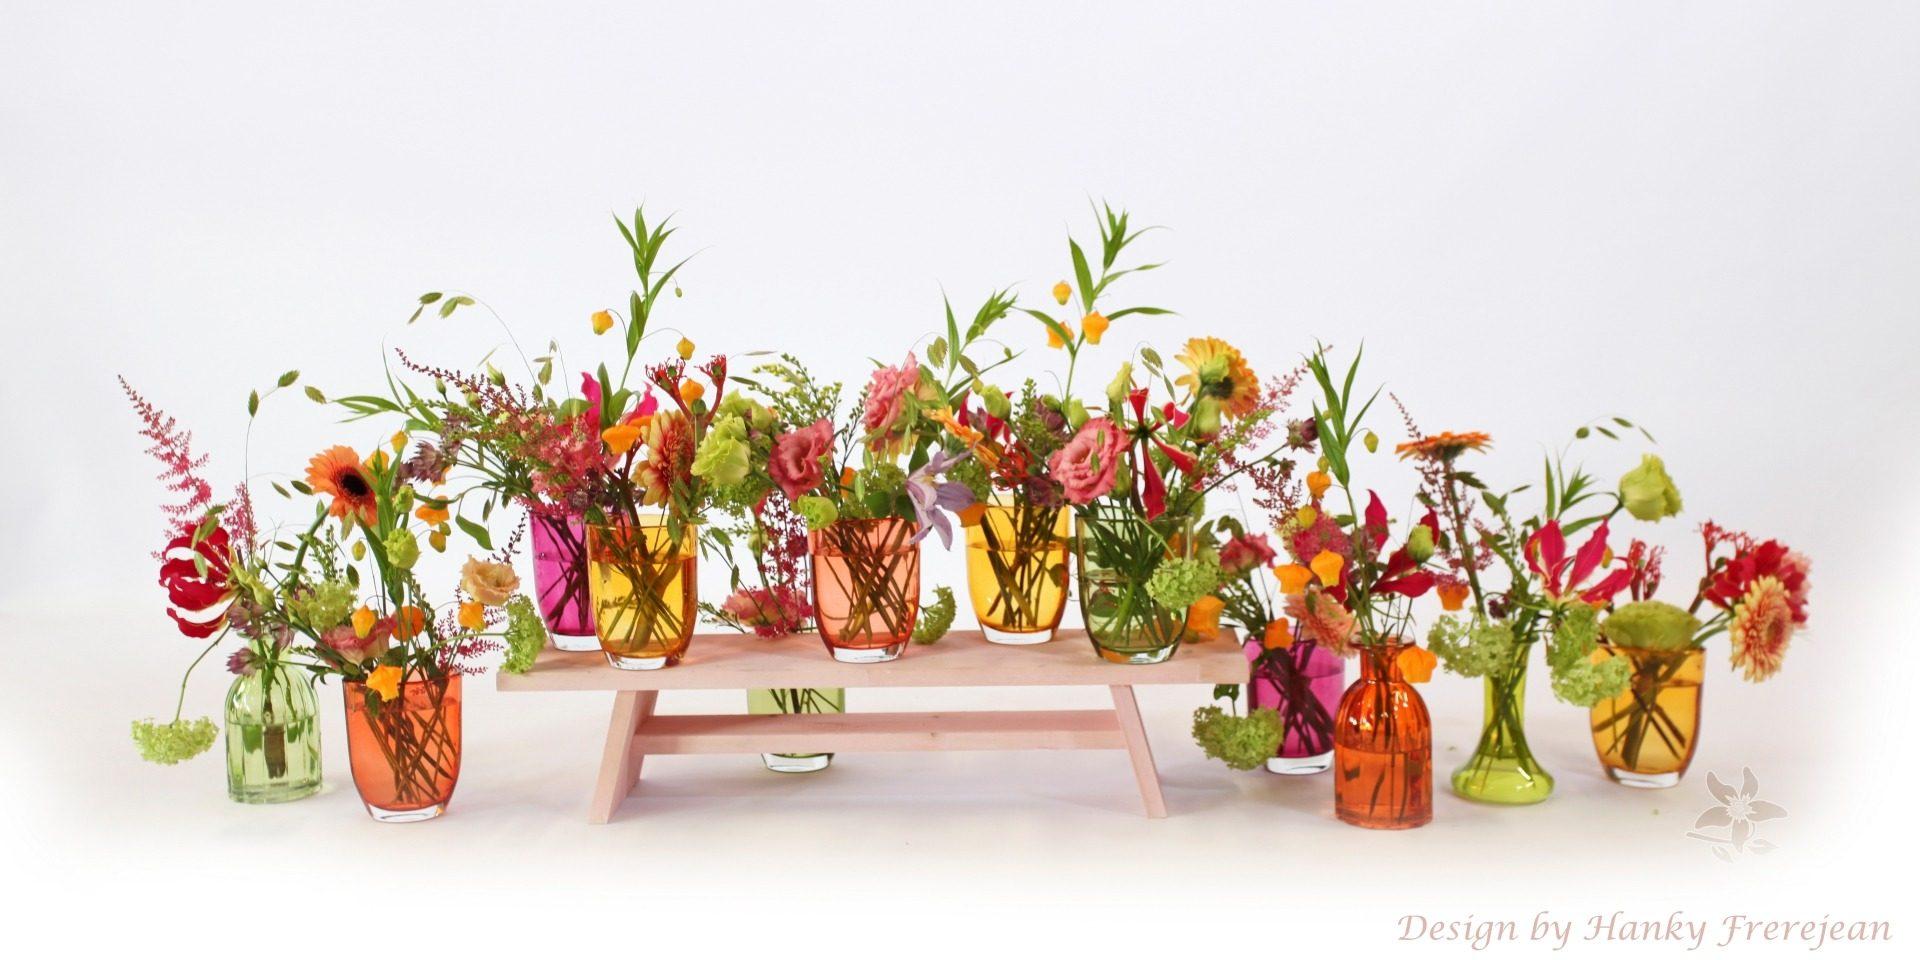 Summerflowers_2020_blog_week_31